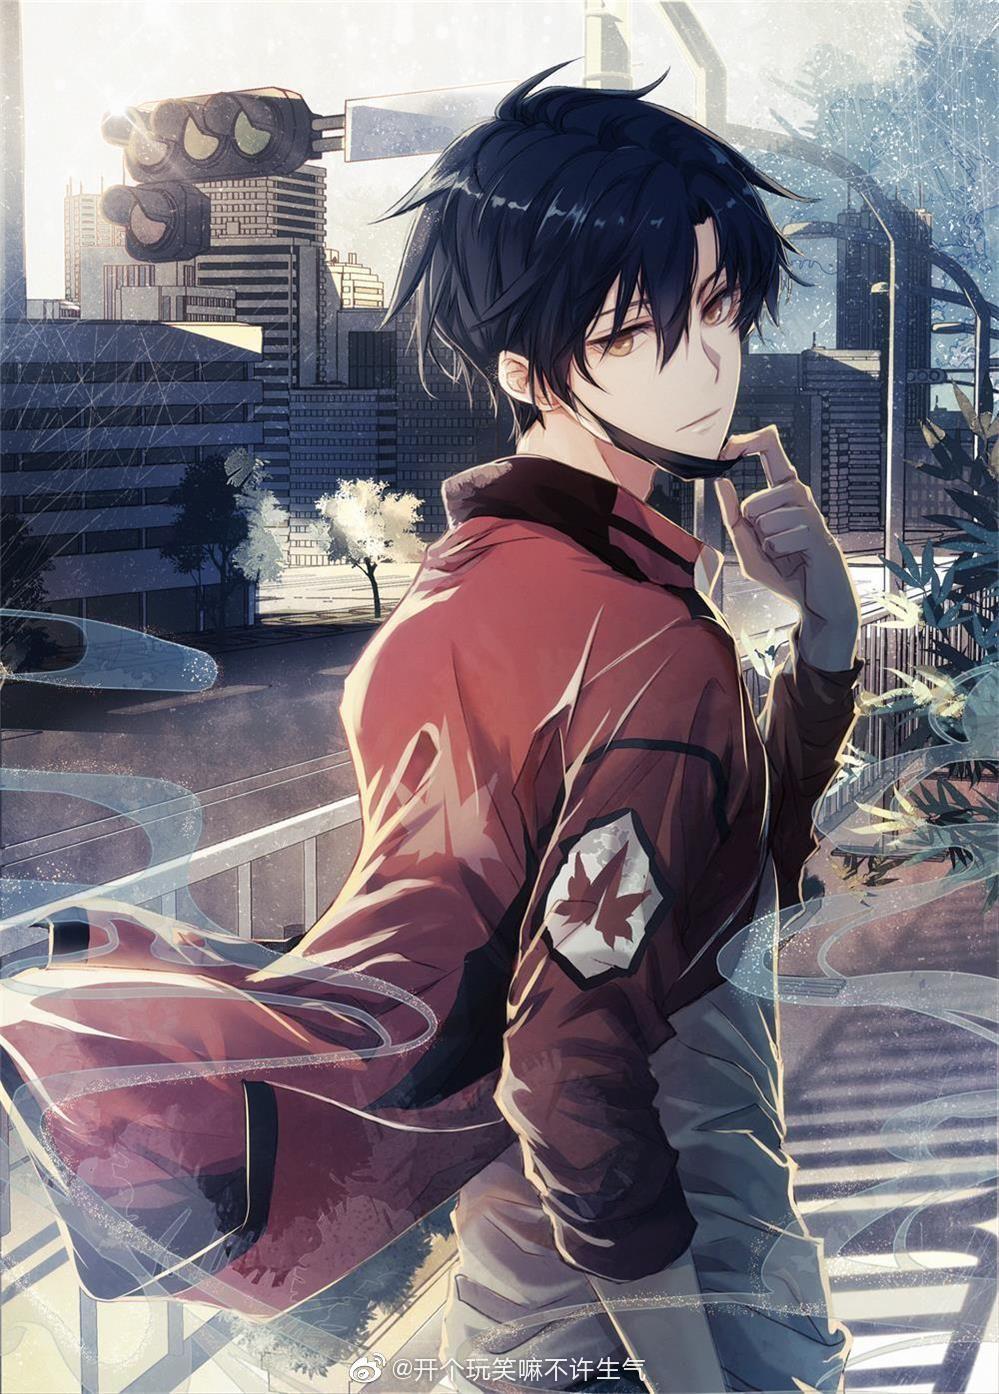 Ghim Của Ikvini Tren Cool Co Hinh ảnh Anime Hinh ảnh ảnh ấn